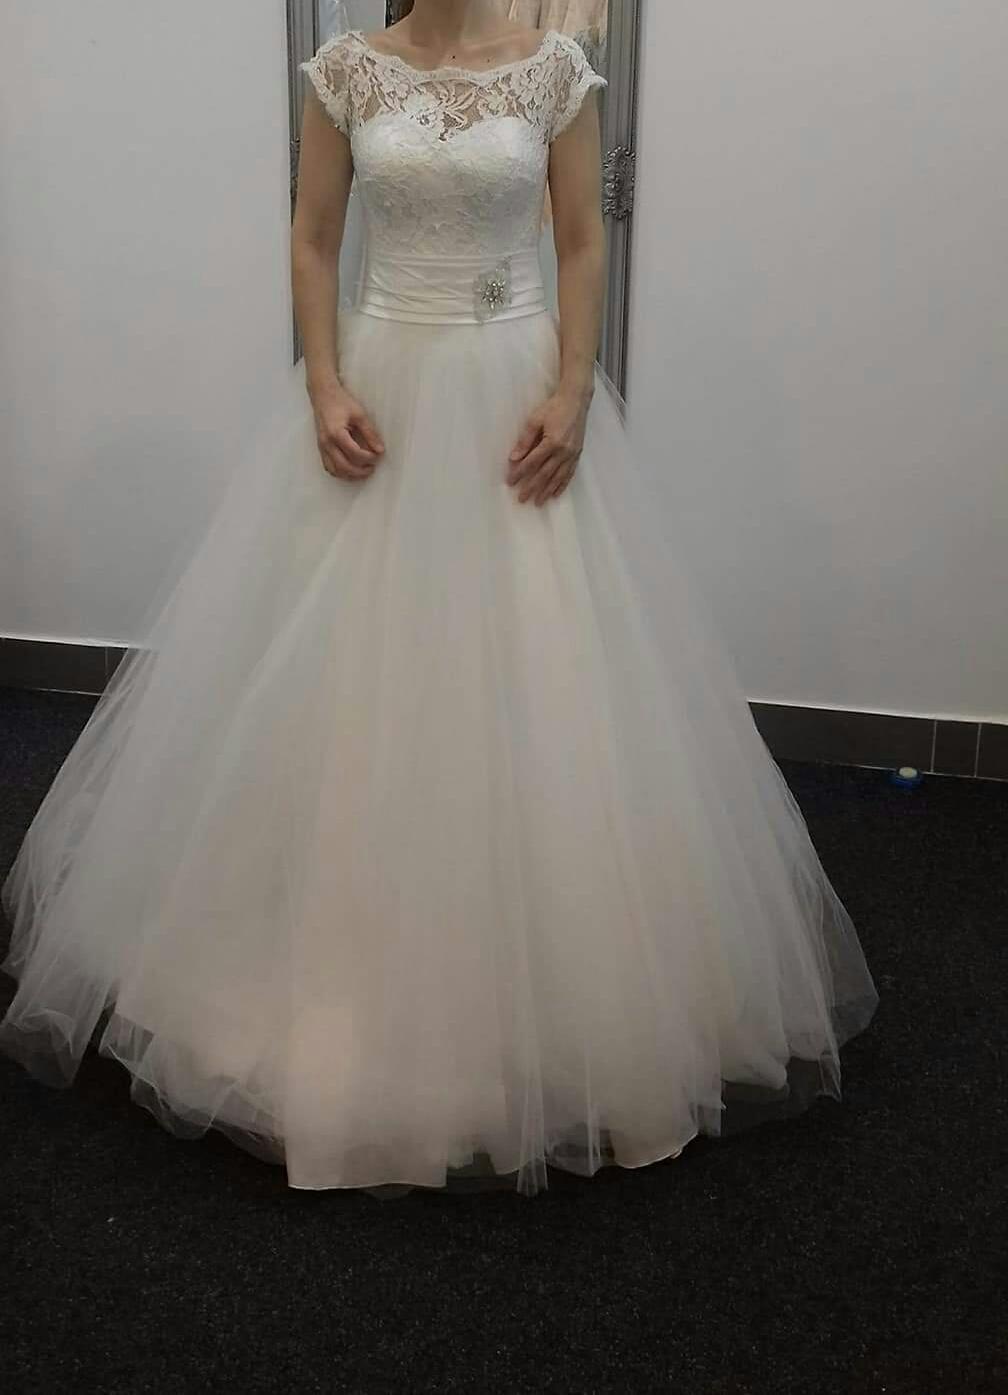 Svadobné šaty pre nižšiu nevestu - Obrázok č. 1